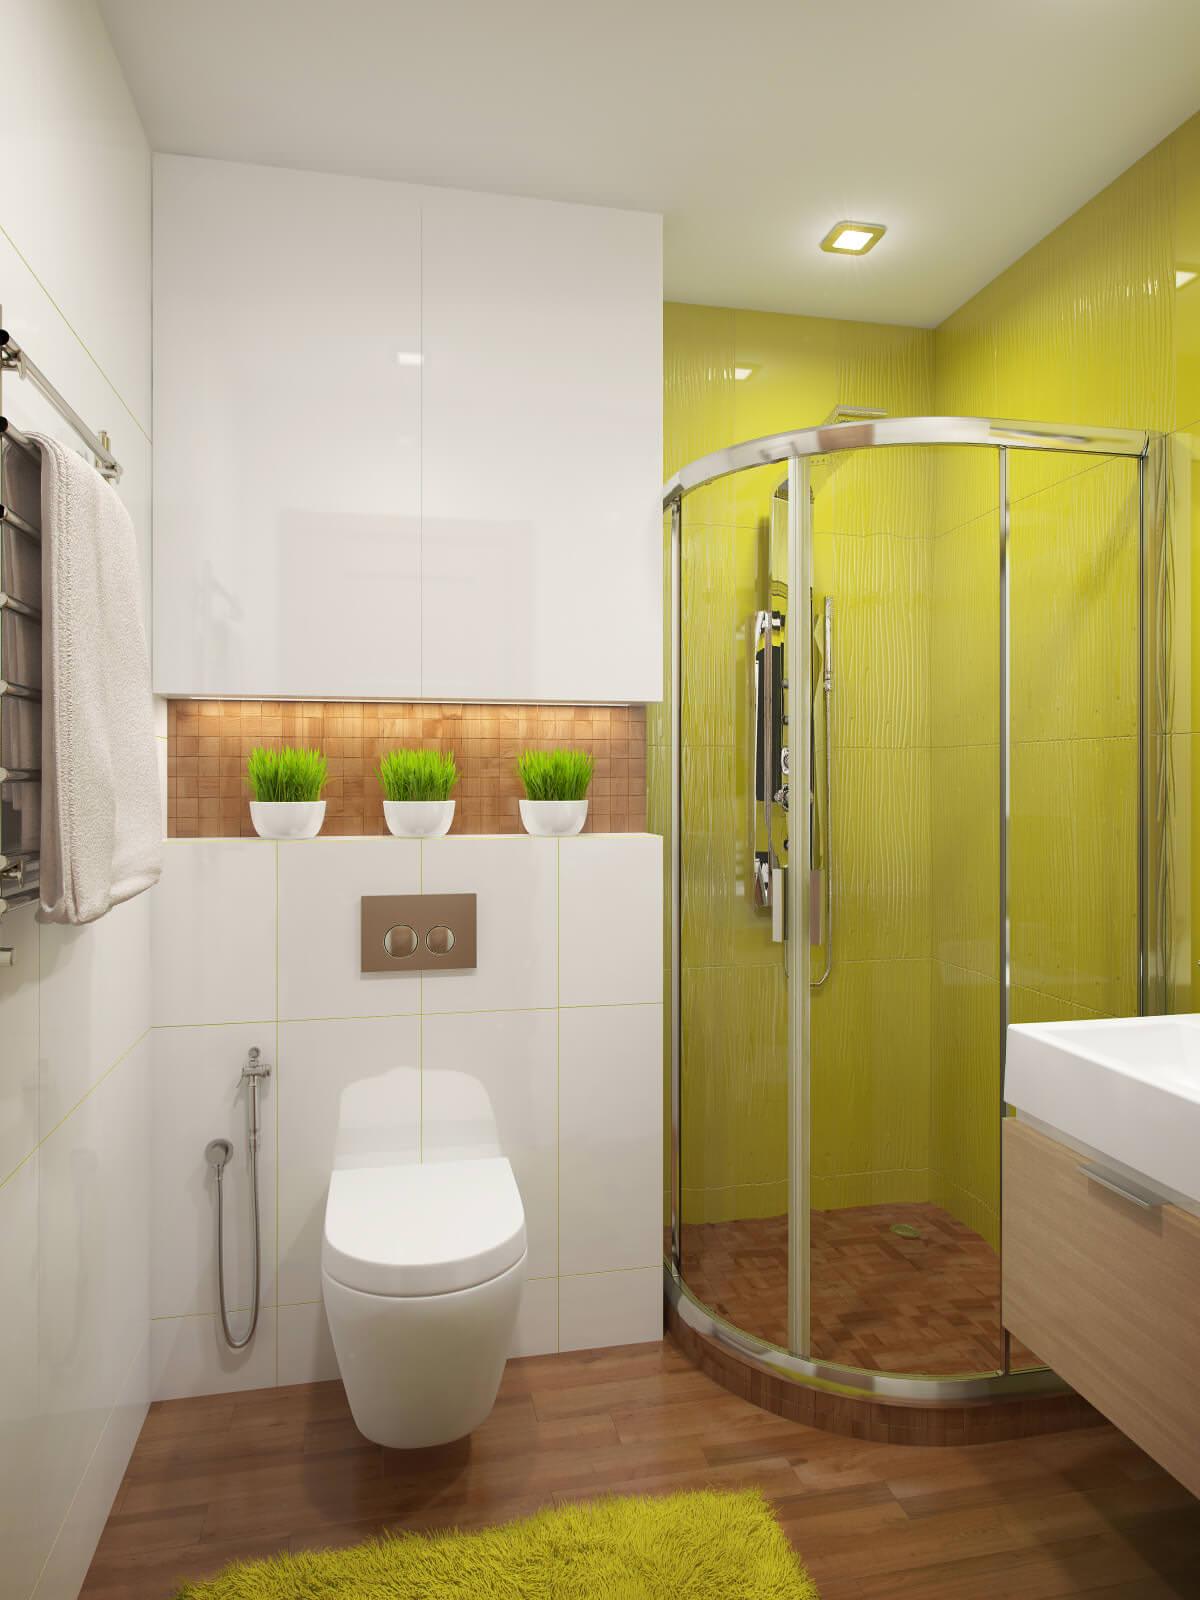 apartament-sas-stilen-interior-v-tsitrusovi-tsvetove-919g